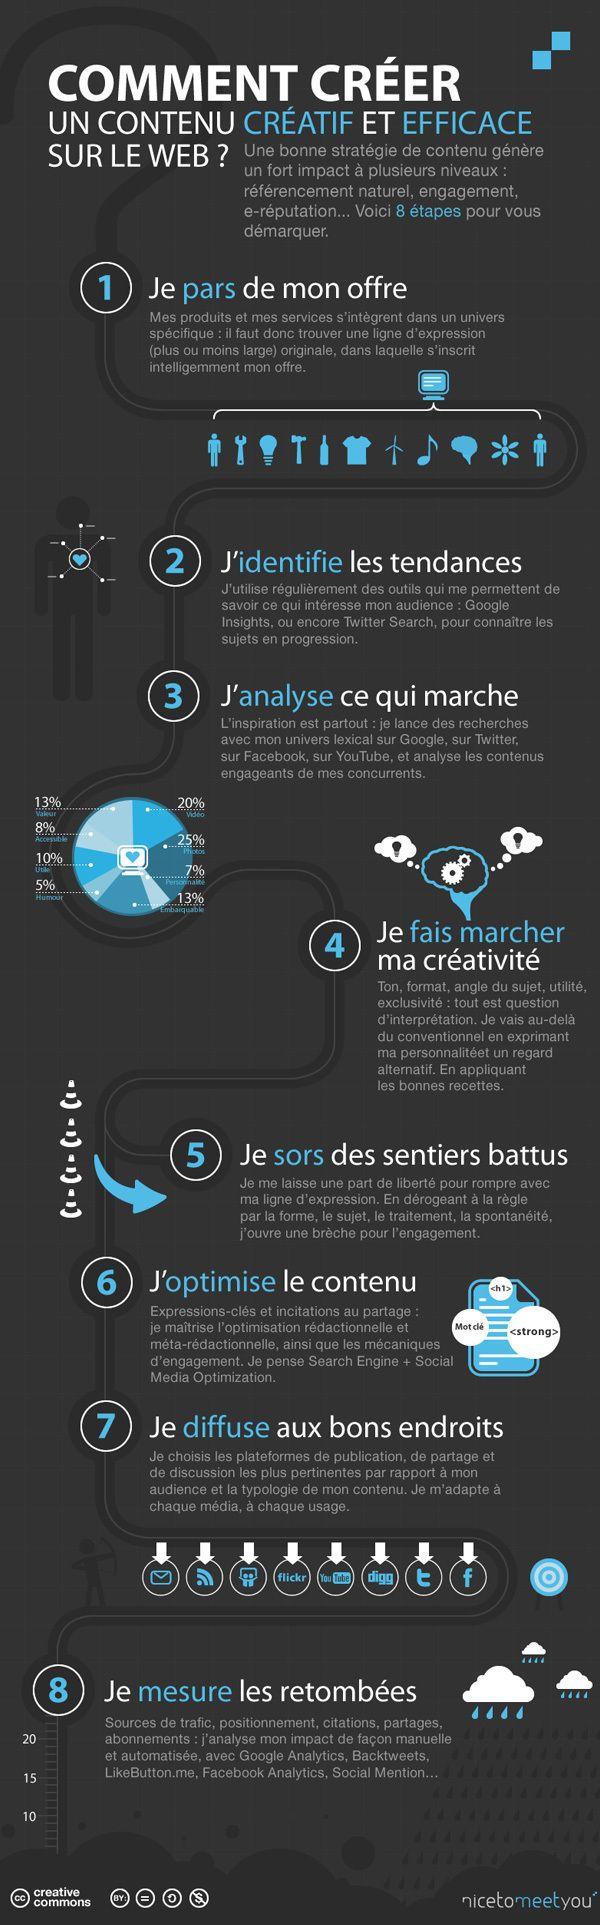 Comment créer un contenu créatif et efficace sur le web ? #socialmedia #digitalmarketing